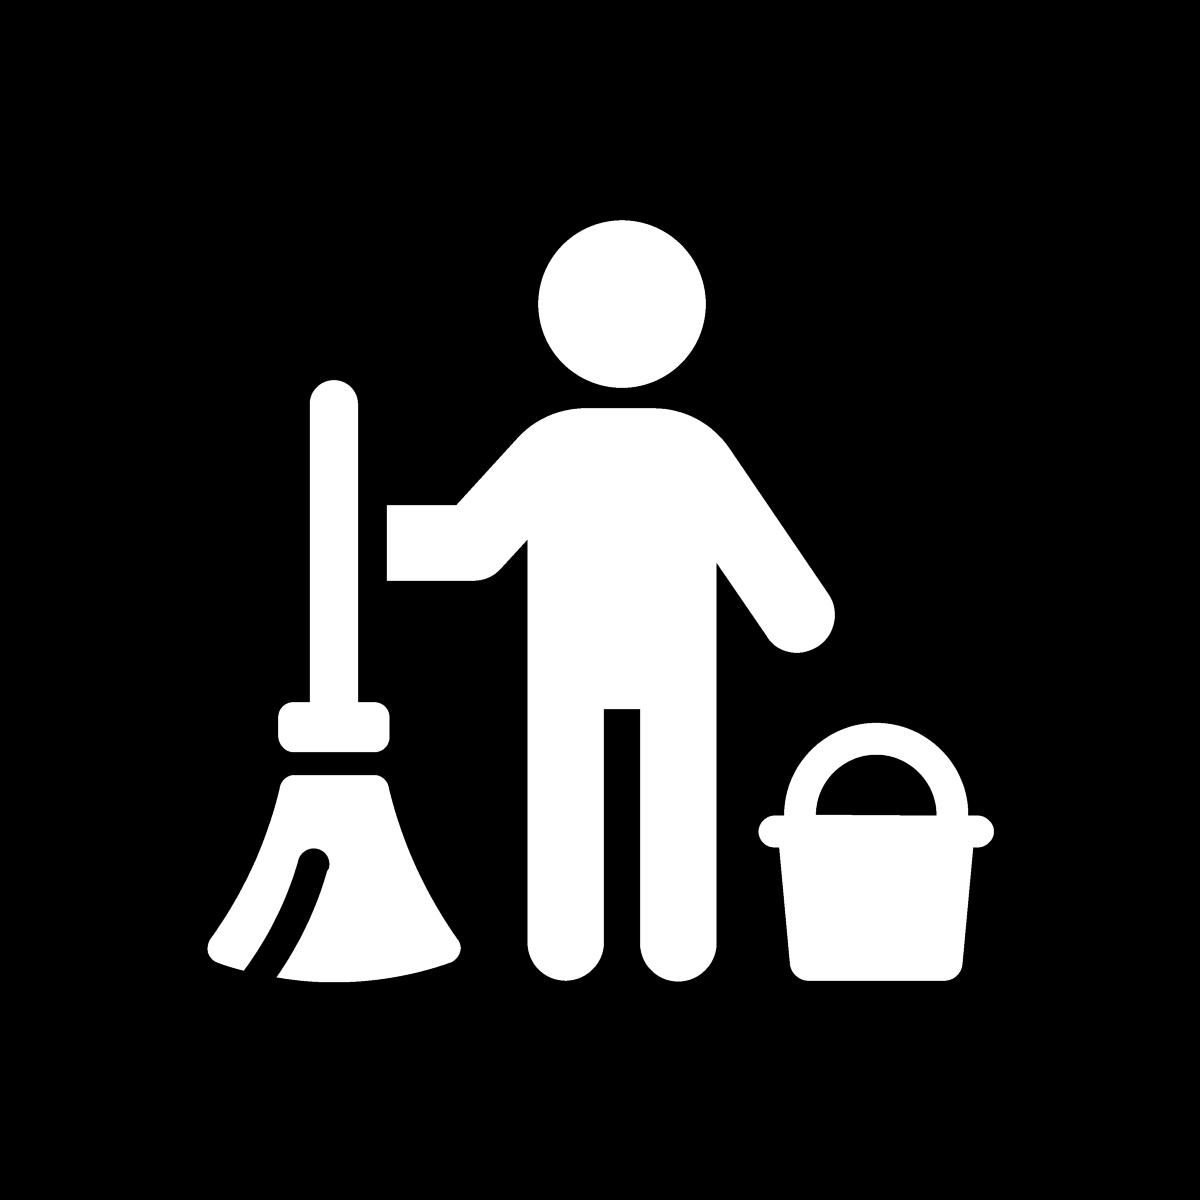 image depicting caretaking